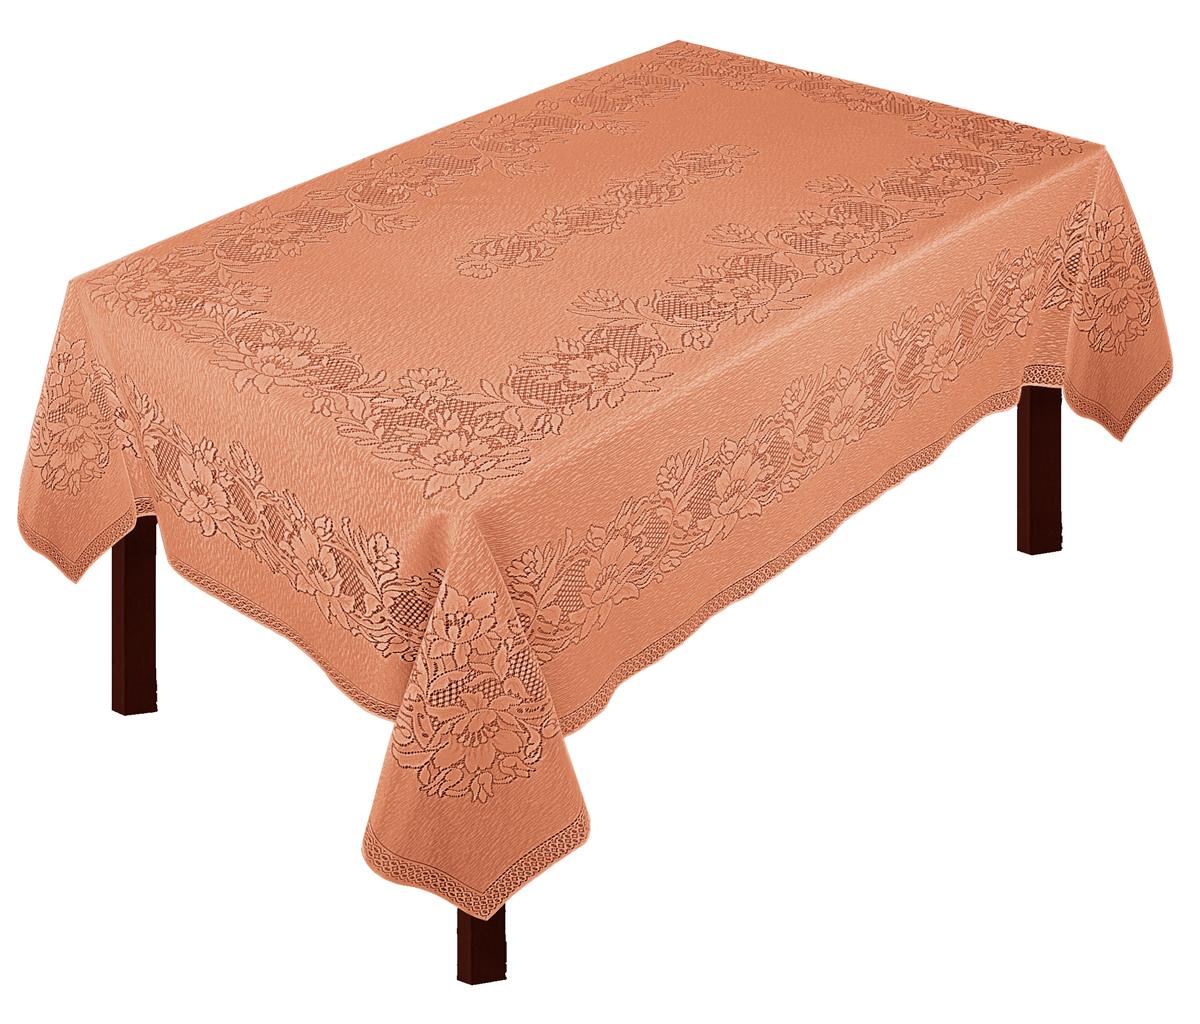 Скатерть Zlata Korunka, прямоугольная, цвет: терракотовый, 235 х 165 см80010Скатерть выполнена из полиэстеровых волокон, длина235*шир.165